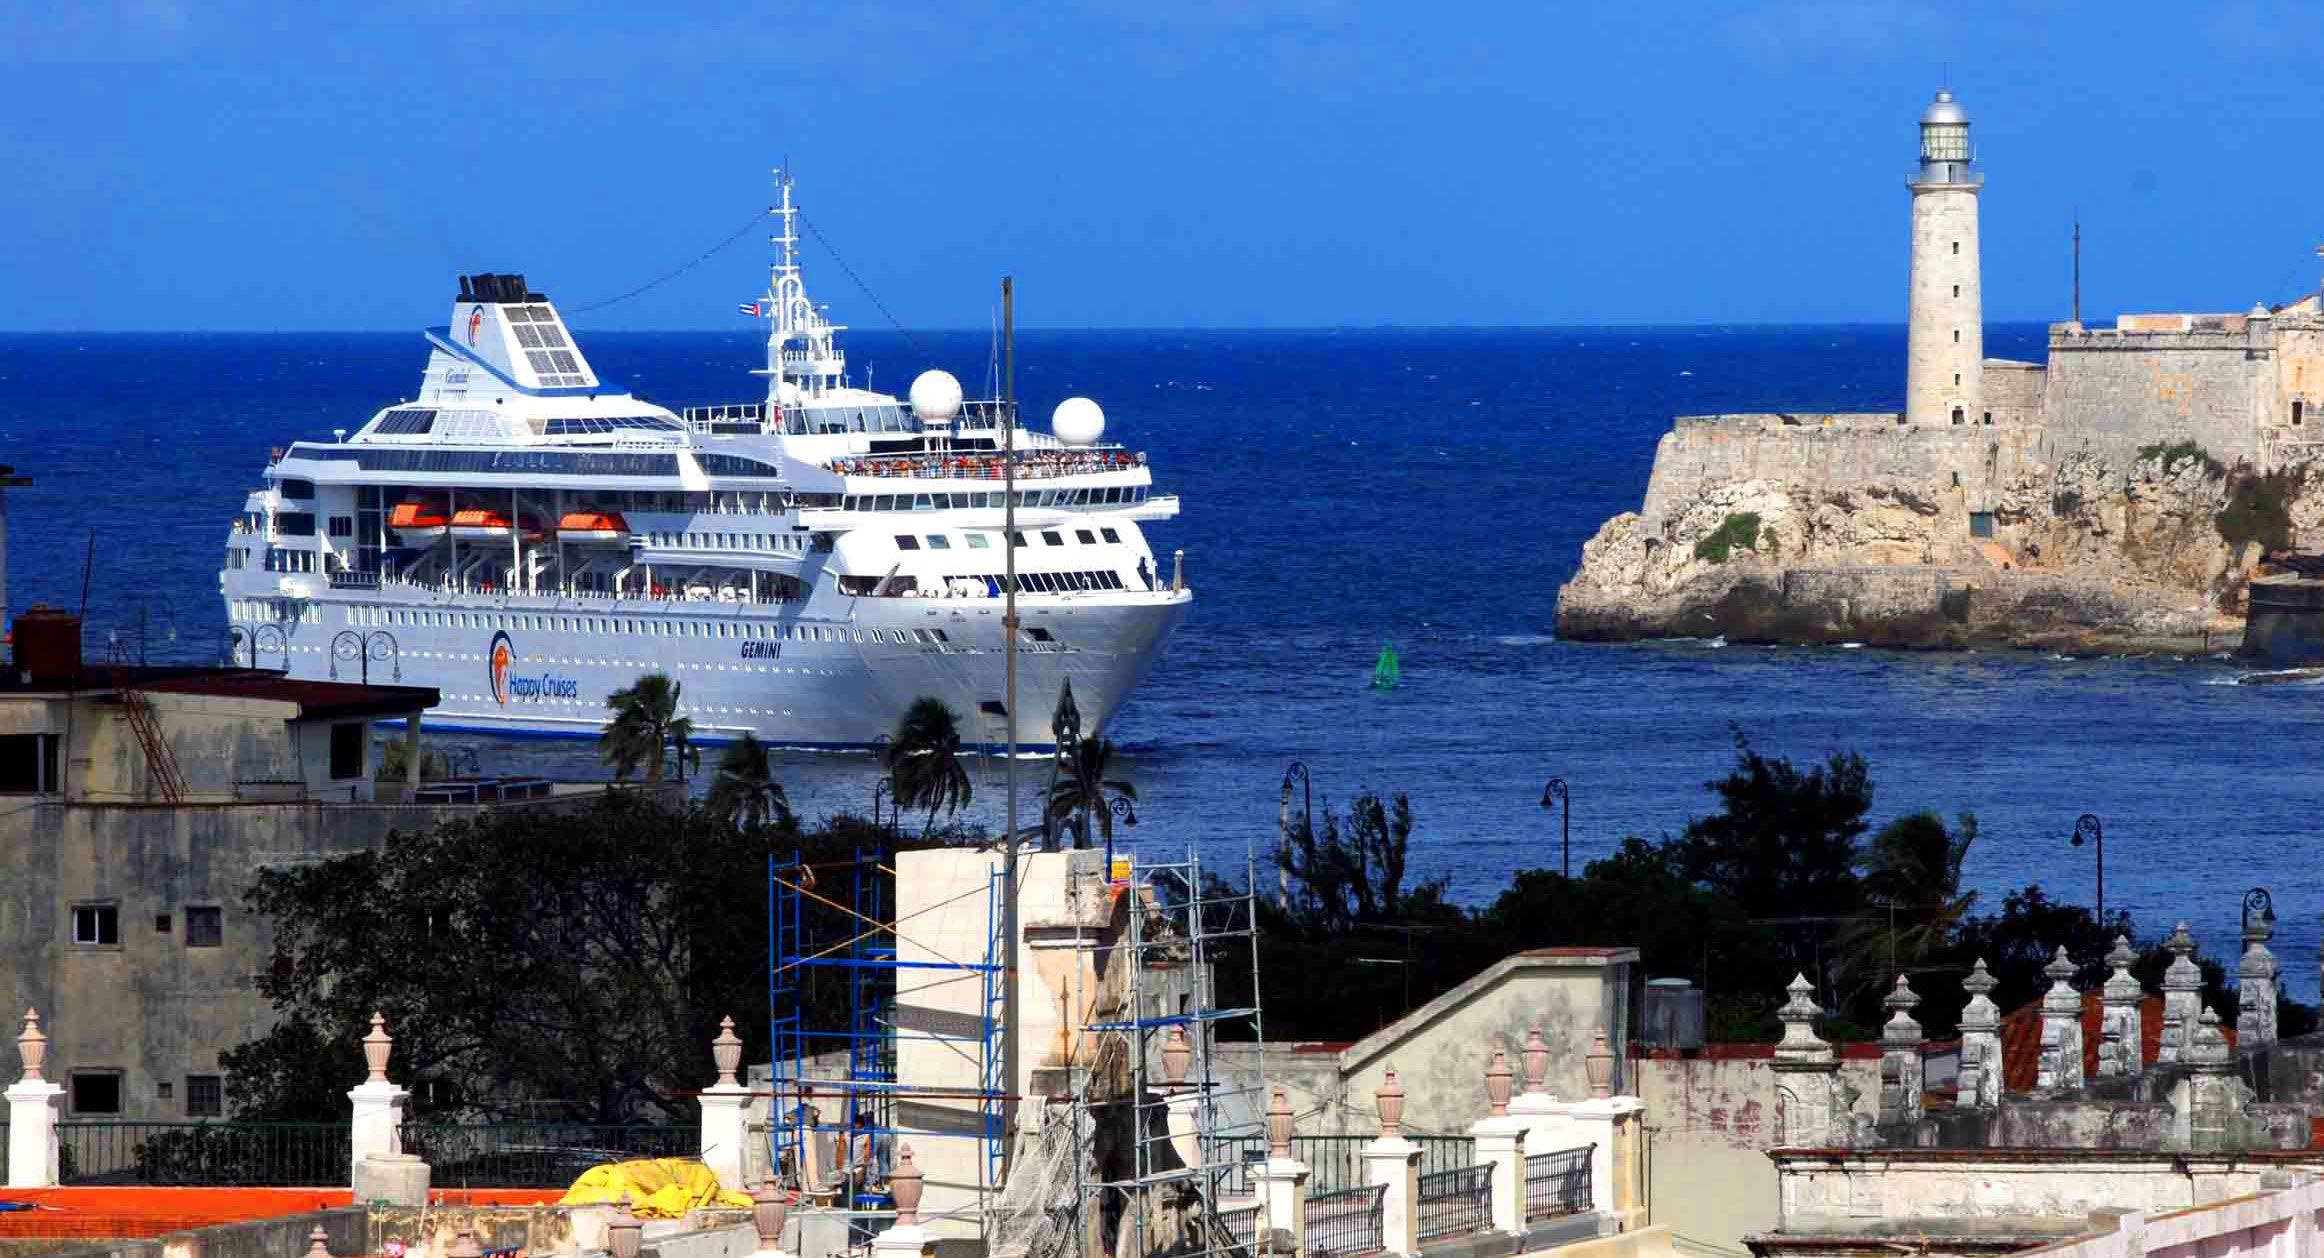 Por mar. Los viajes marítimos desde EEUU a la isla deberán esperar la aprobación de las autoridades cubanas.